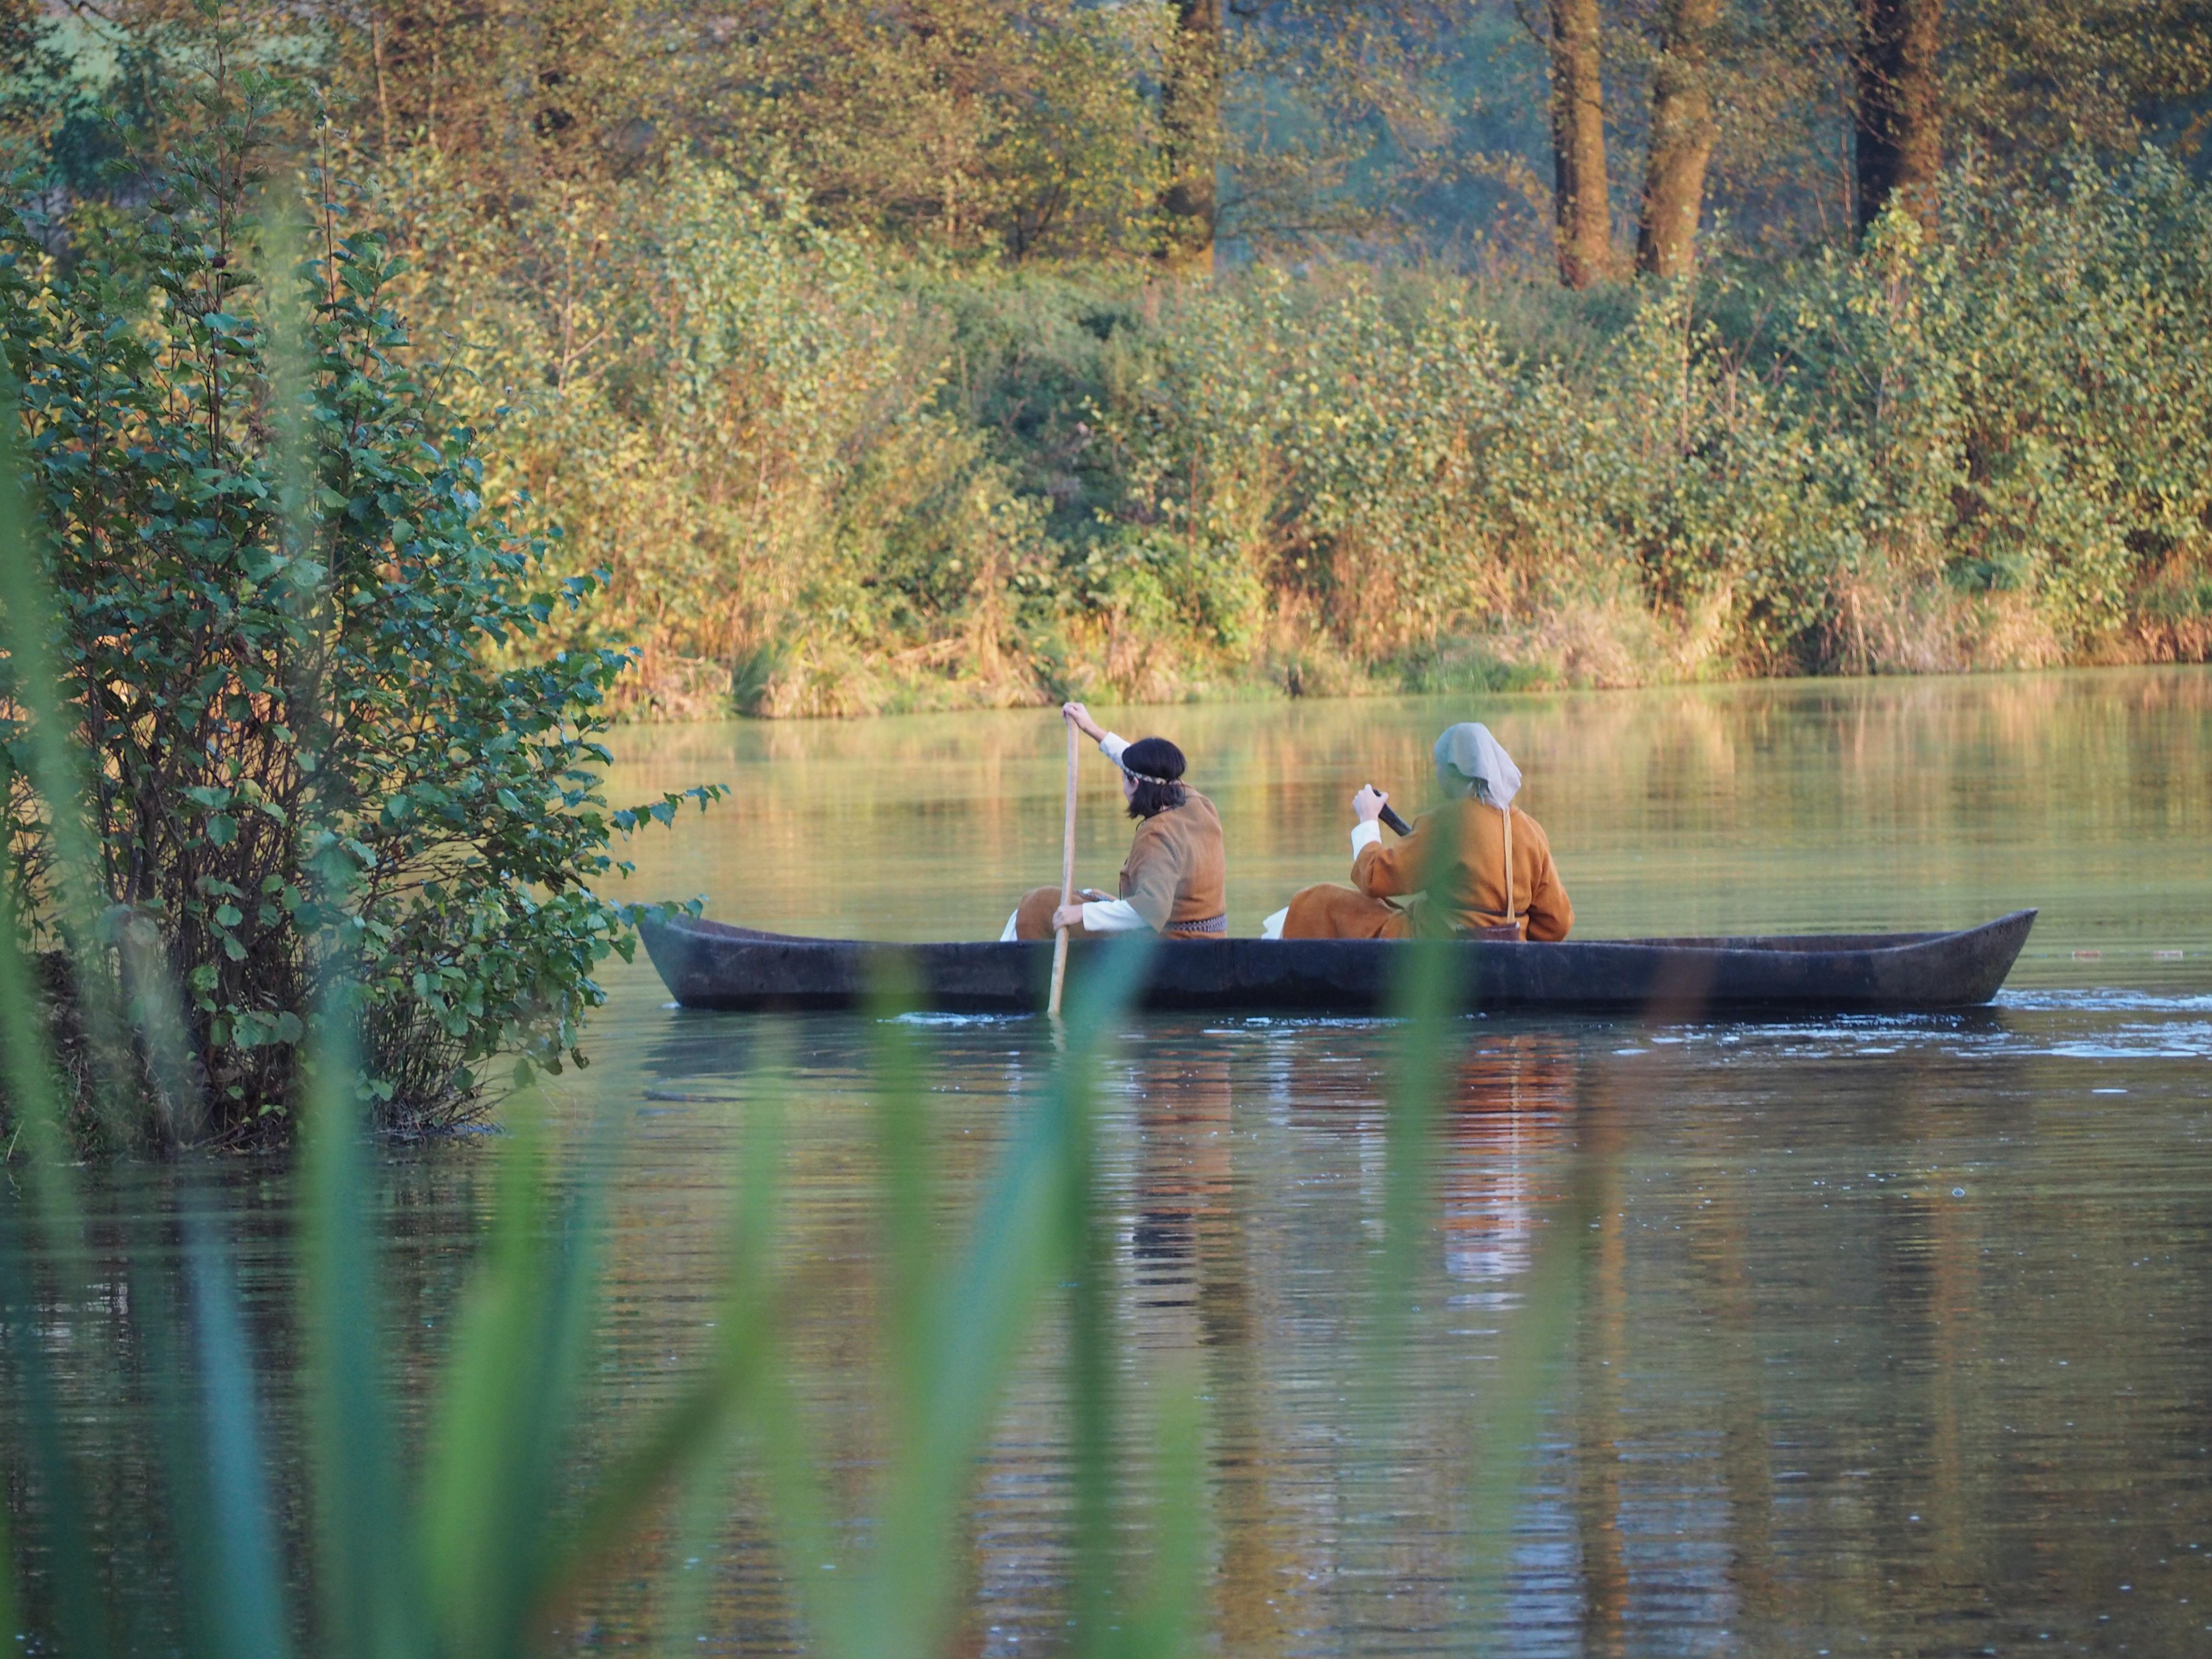 Mittelalterliche Fischerinnen